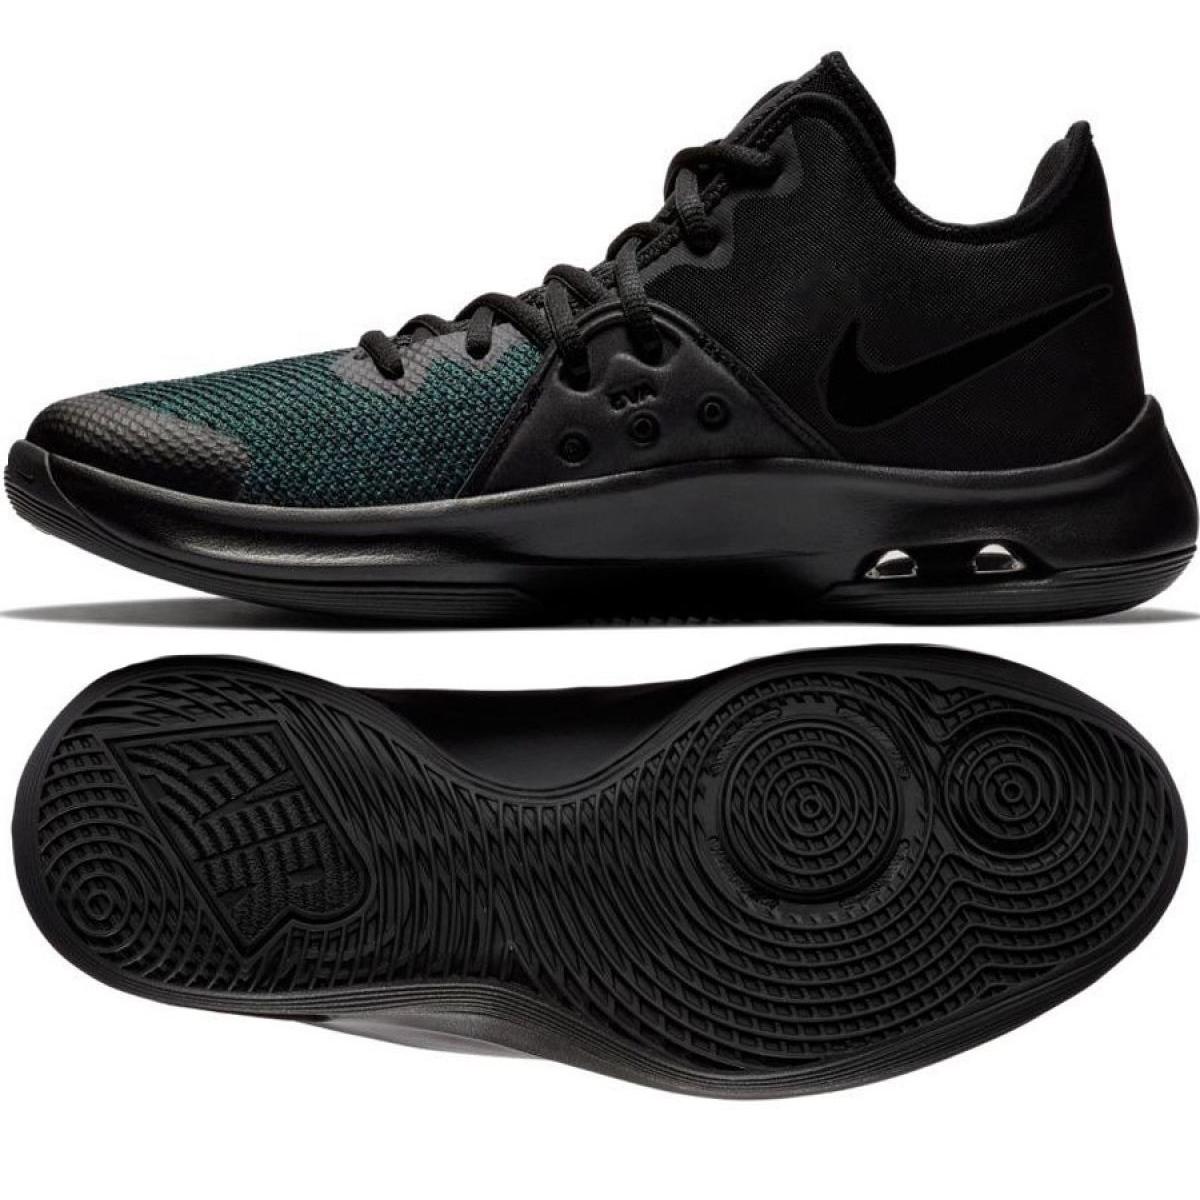 Tênis de basquete Nike Air Versitile Iii M AO4430 002 preto multicolorido